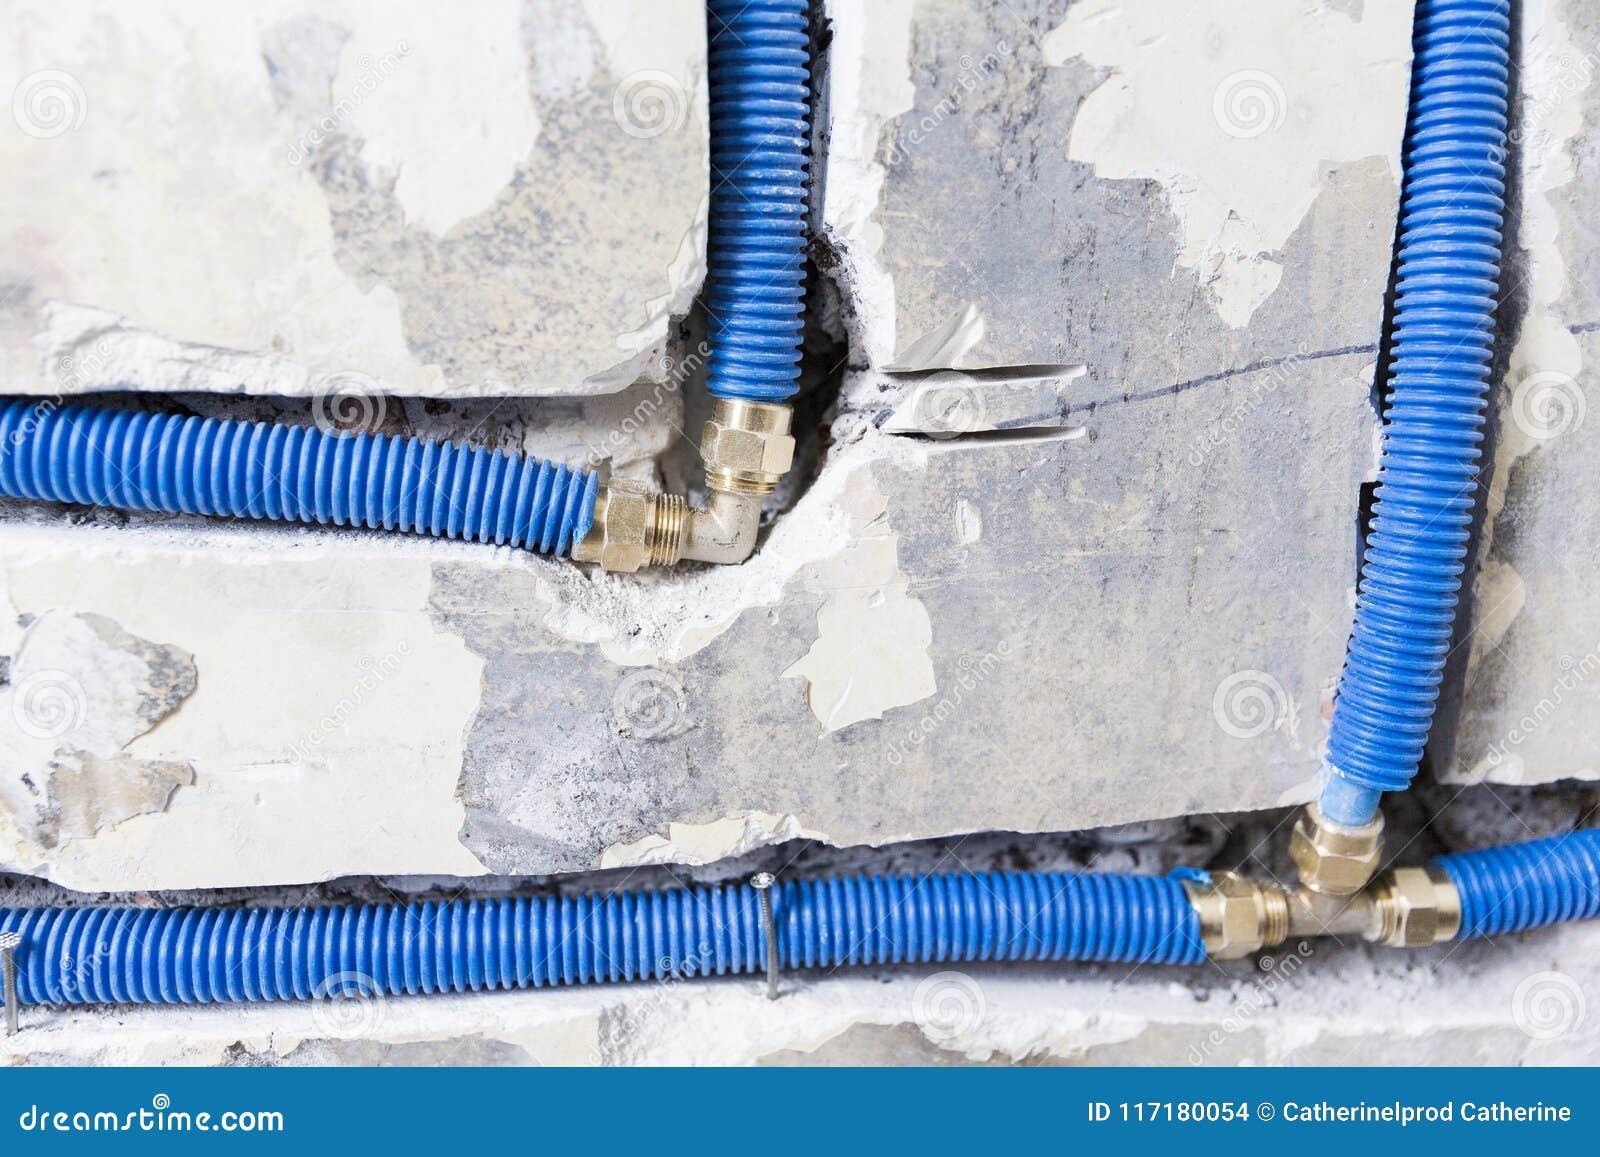 Tubi Per Scarico Bagno tubature dell'acqua fatte di polipropilene pex nella parete